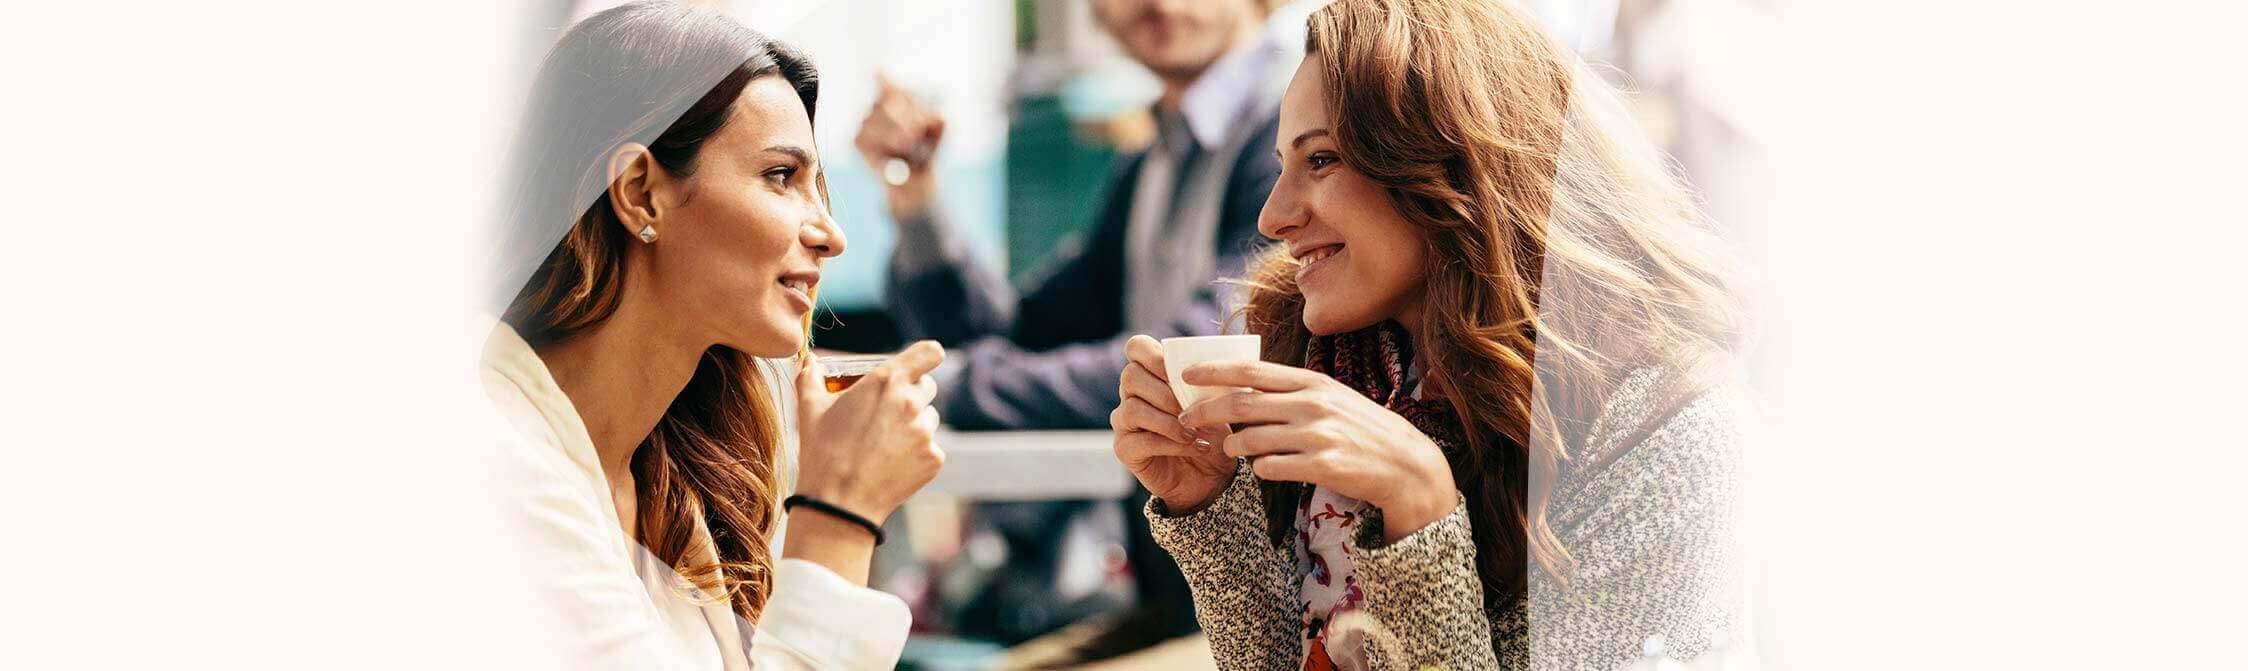 Twee vriendinnen in gesprek op café